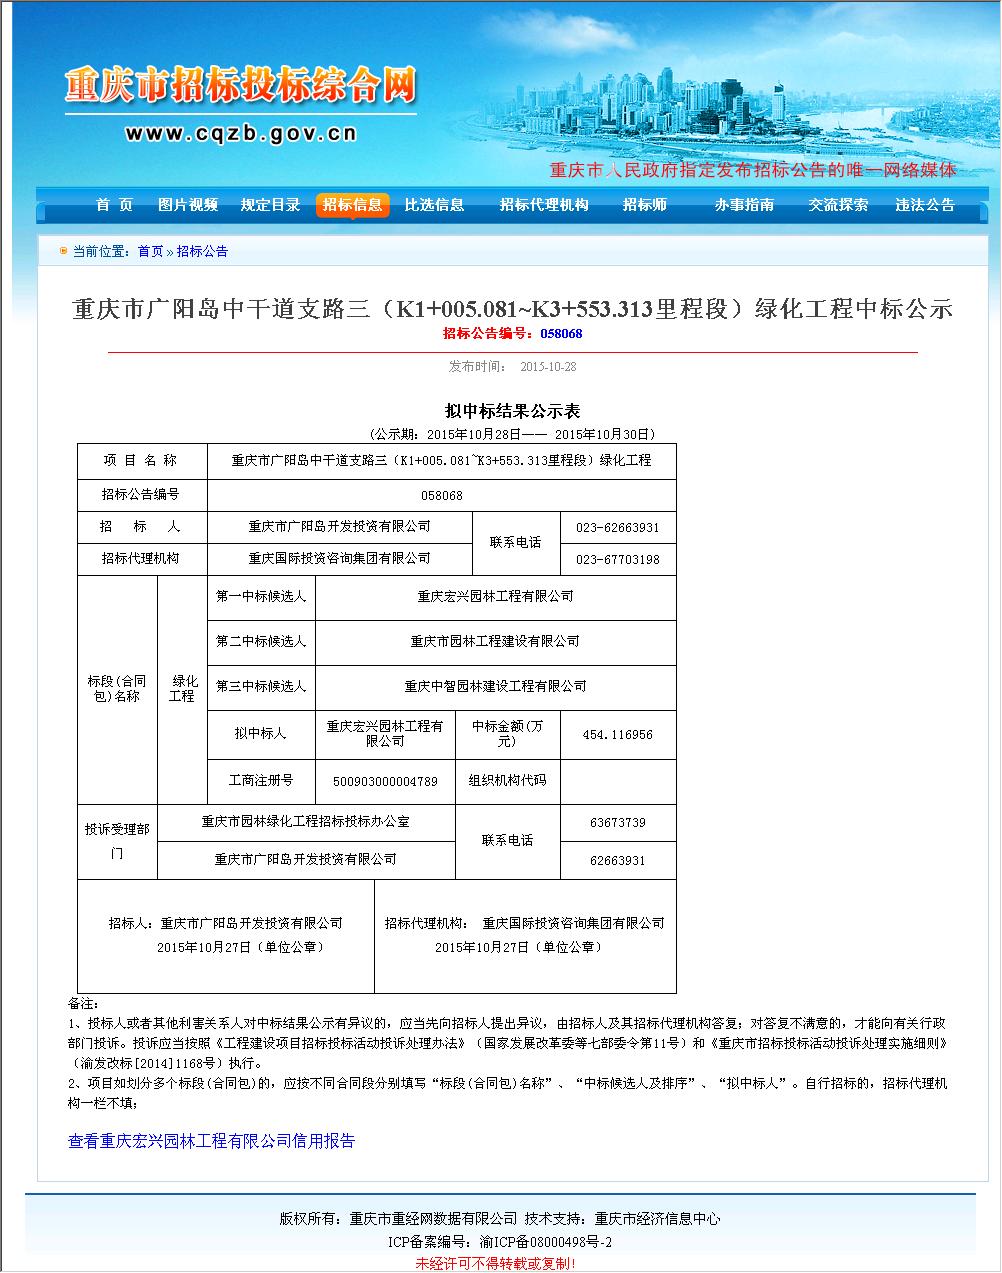 重庆宏兴园林工程有限公司 重庆市广阳岛中干道支路三